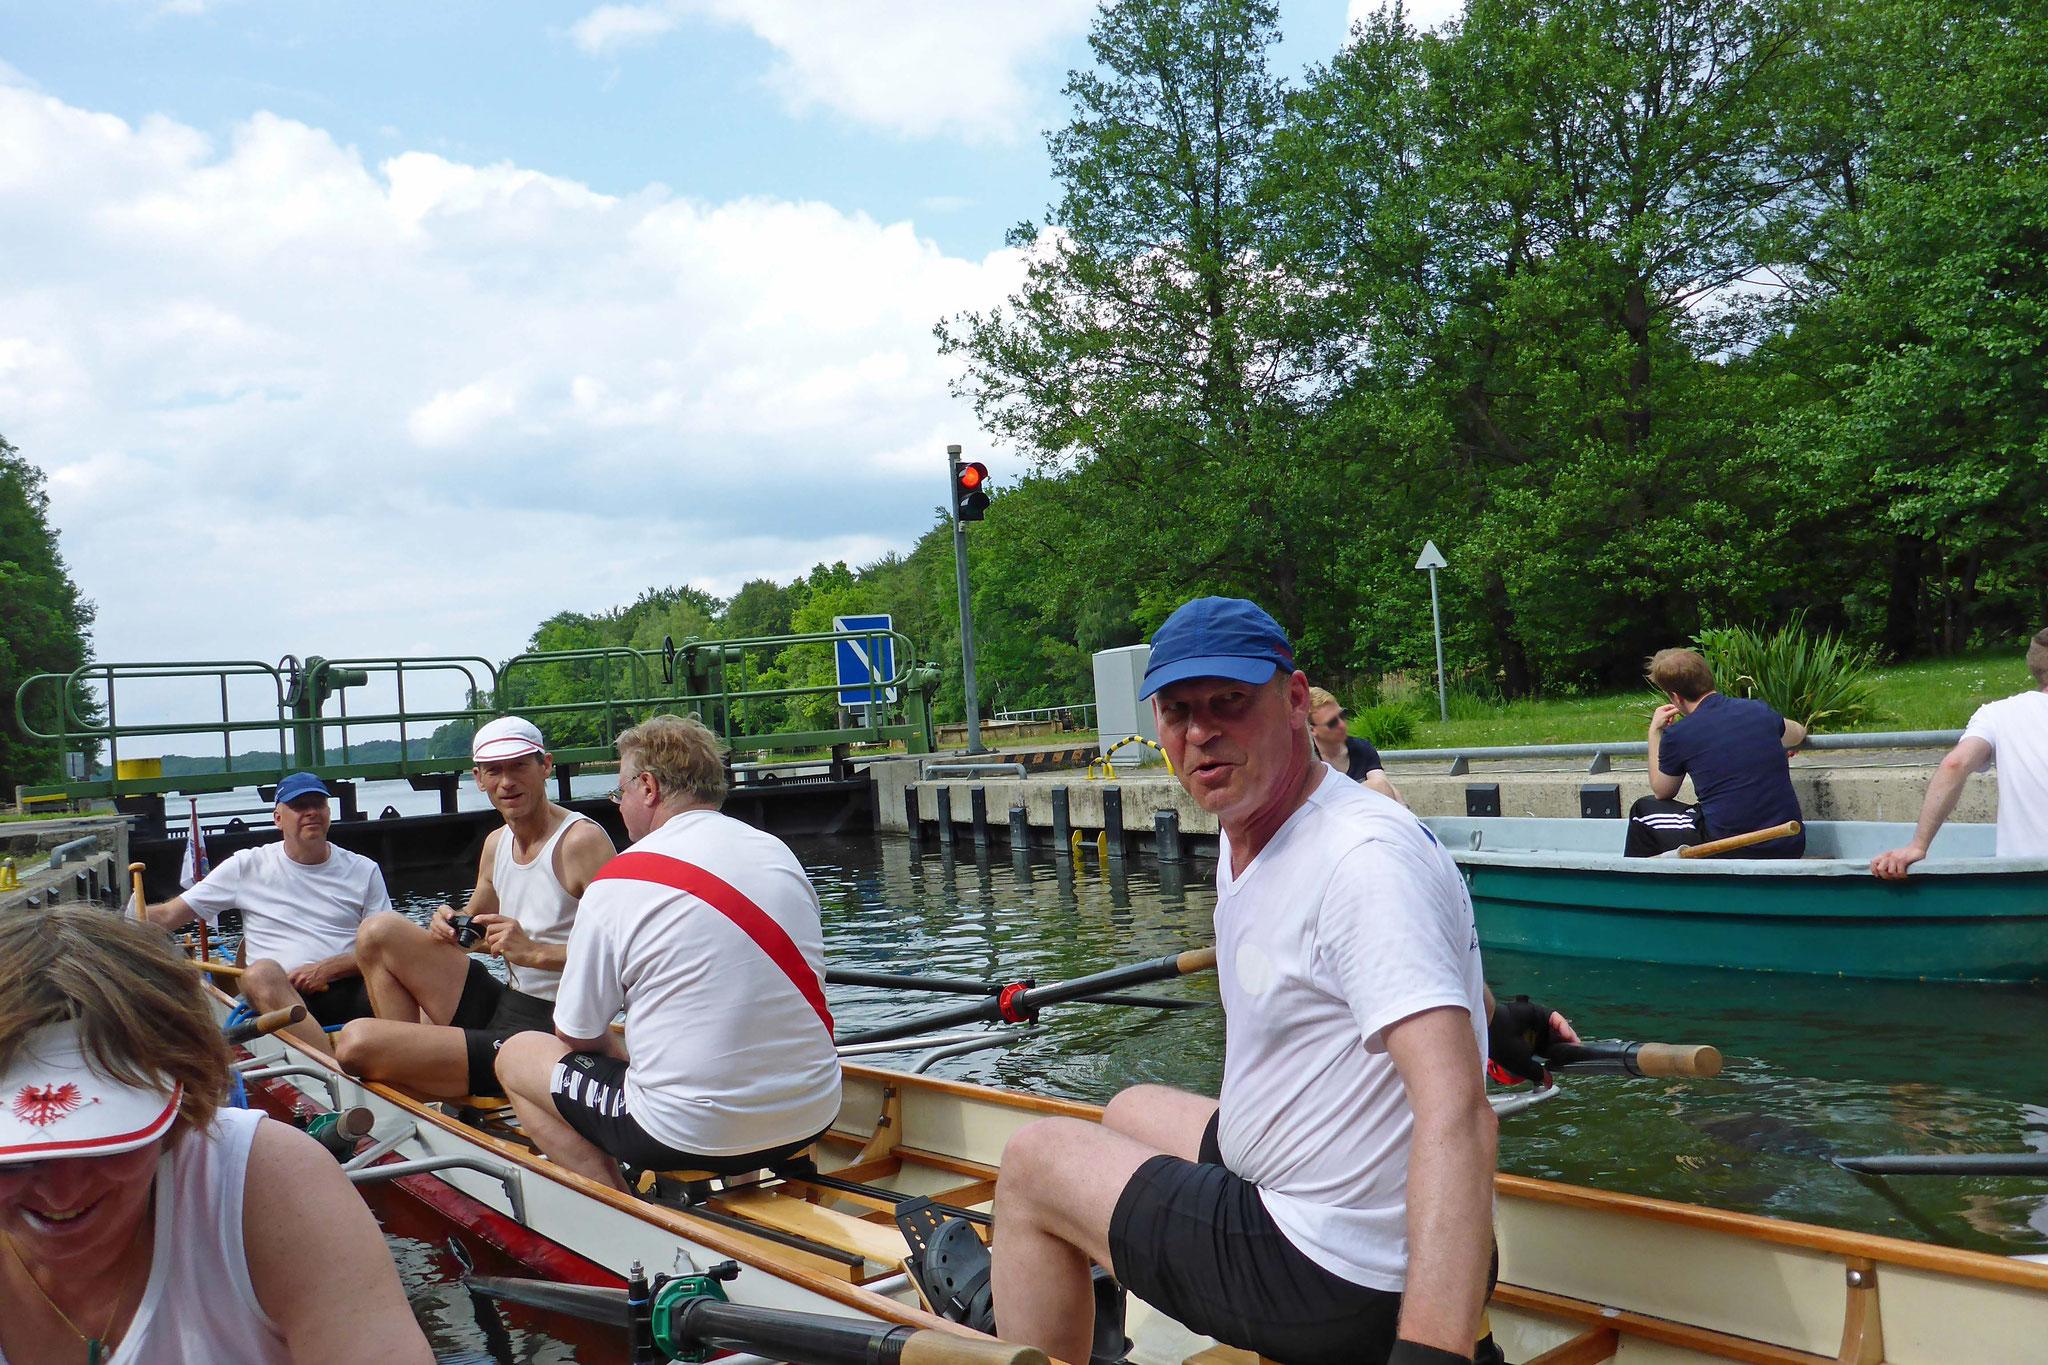 Mathias, Andreas, Helmut und Uwe in der Schleuse.